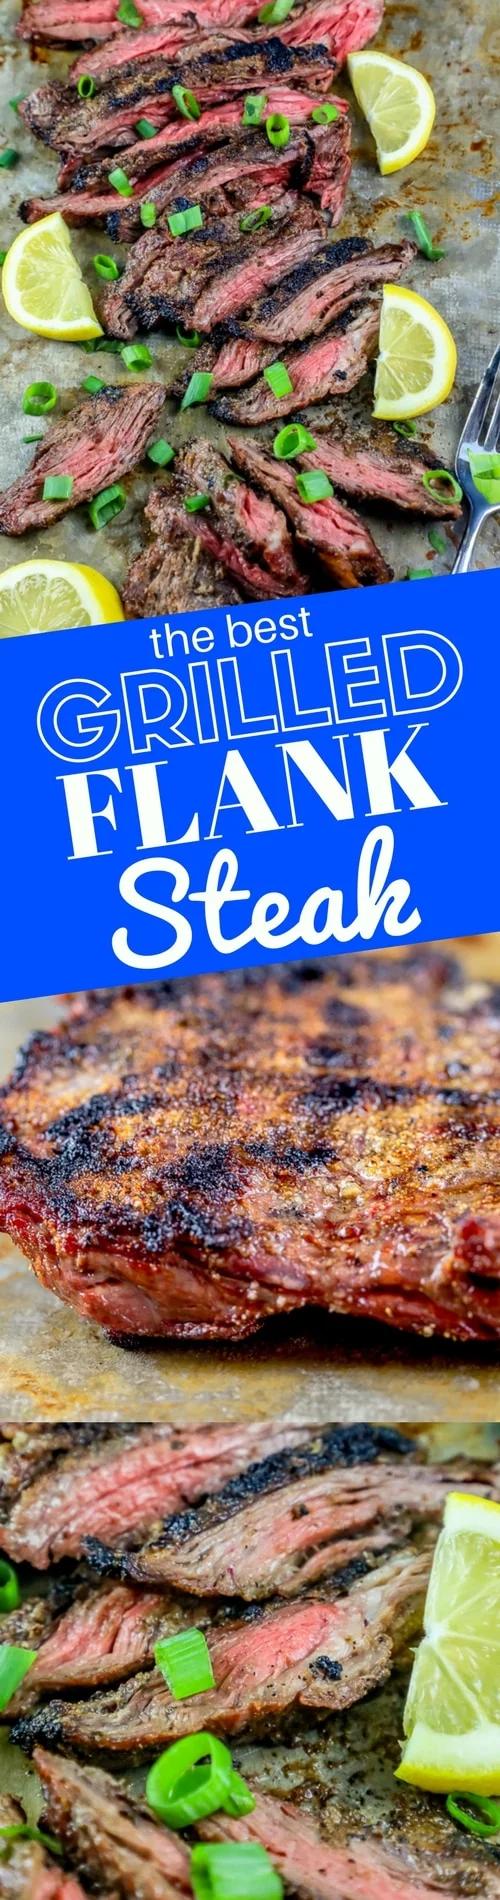 The Best Garlic Grilled Flank Steak Recipe #recipesforflanksteak